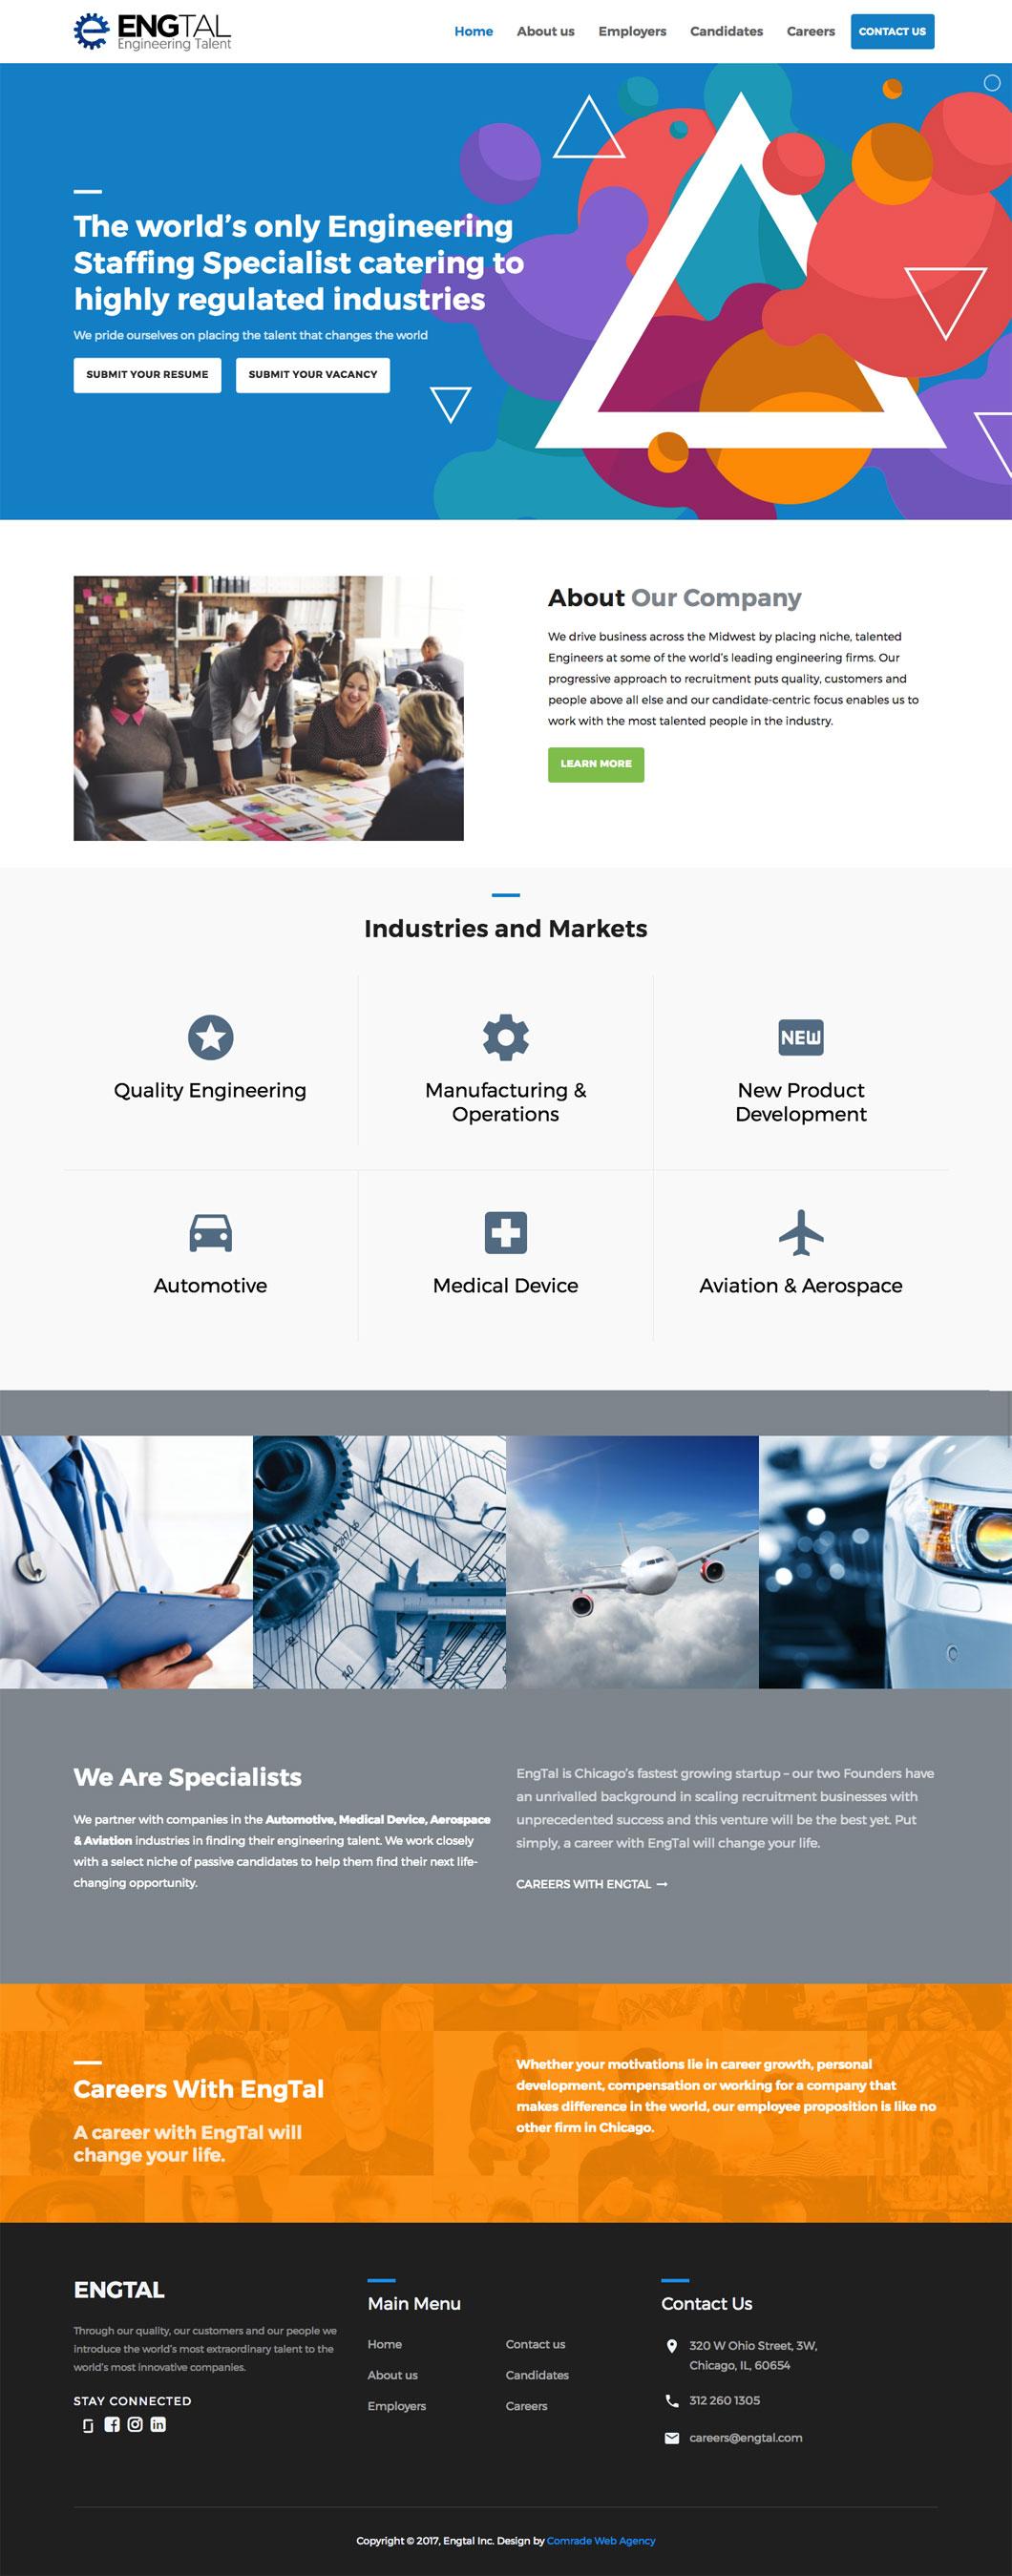 Engtal Homepage